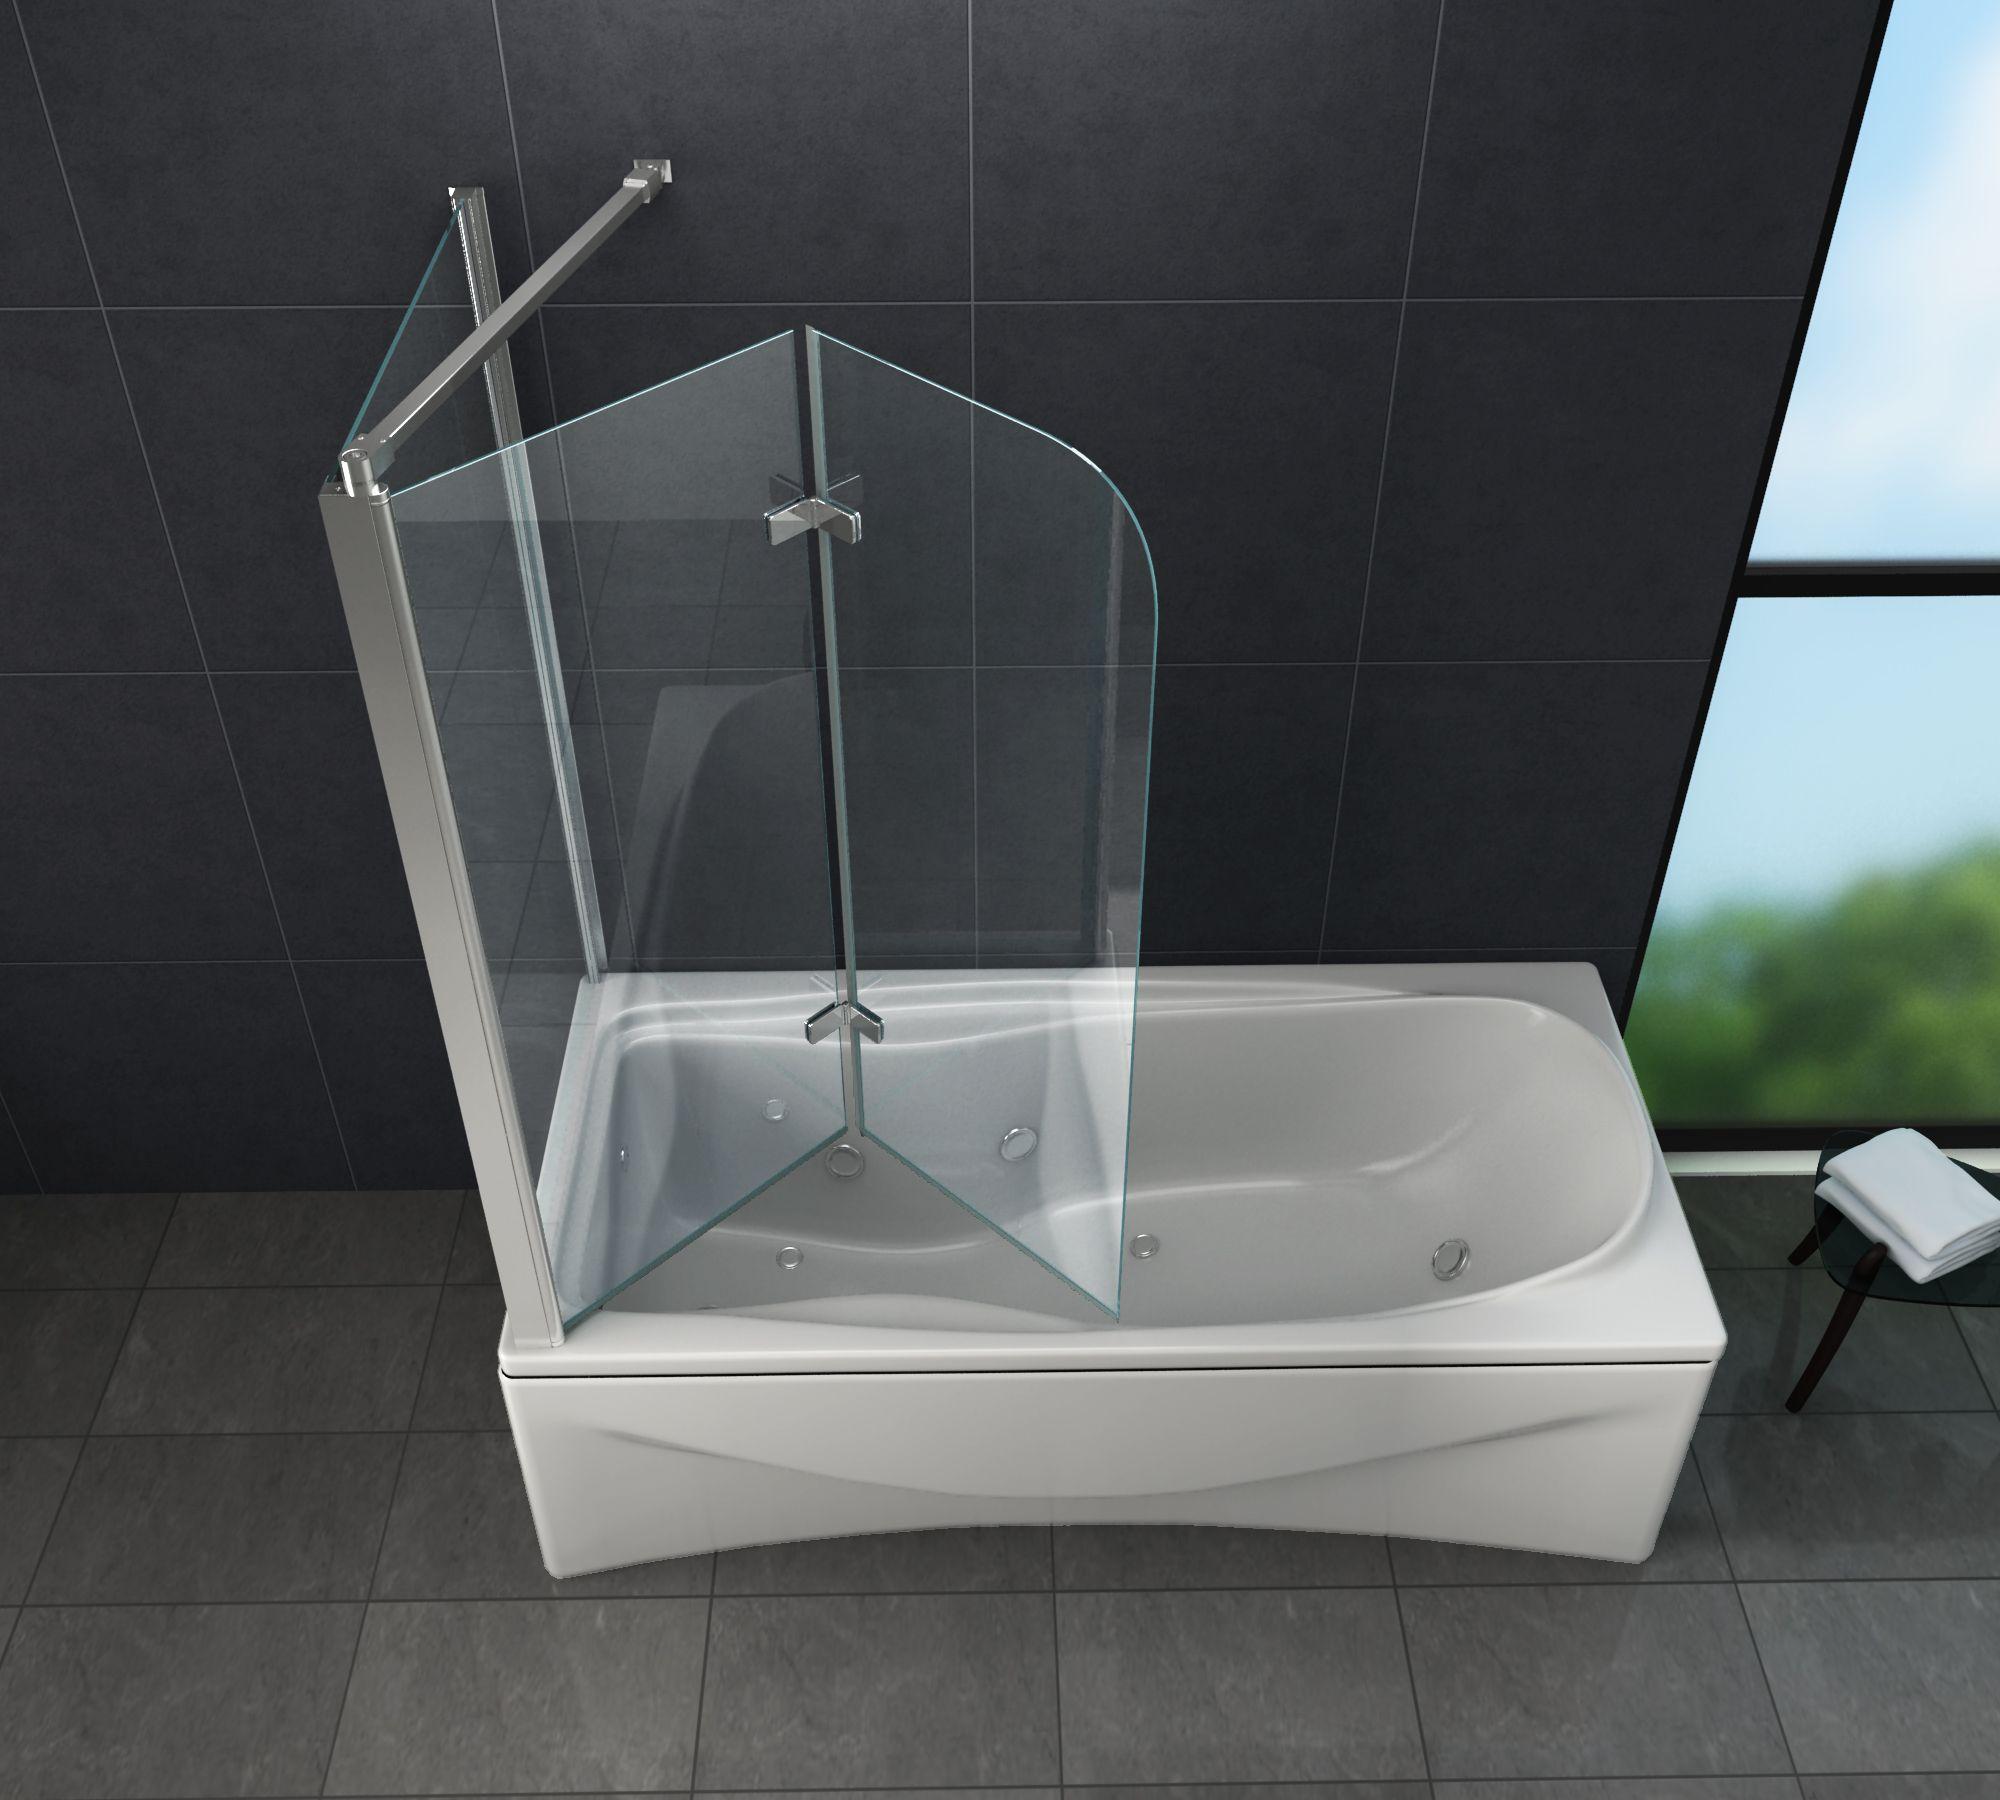 Eck Duschtrennwand Around 70 Badewanne Glasdeals In 2020 Duschabtrennung Badewanne Duschabtrennung Dusche